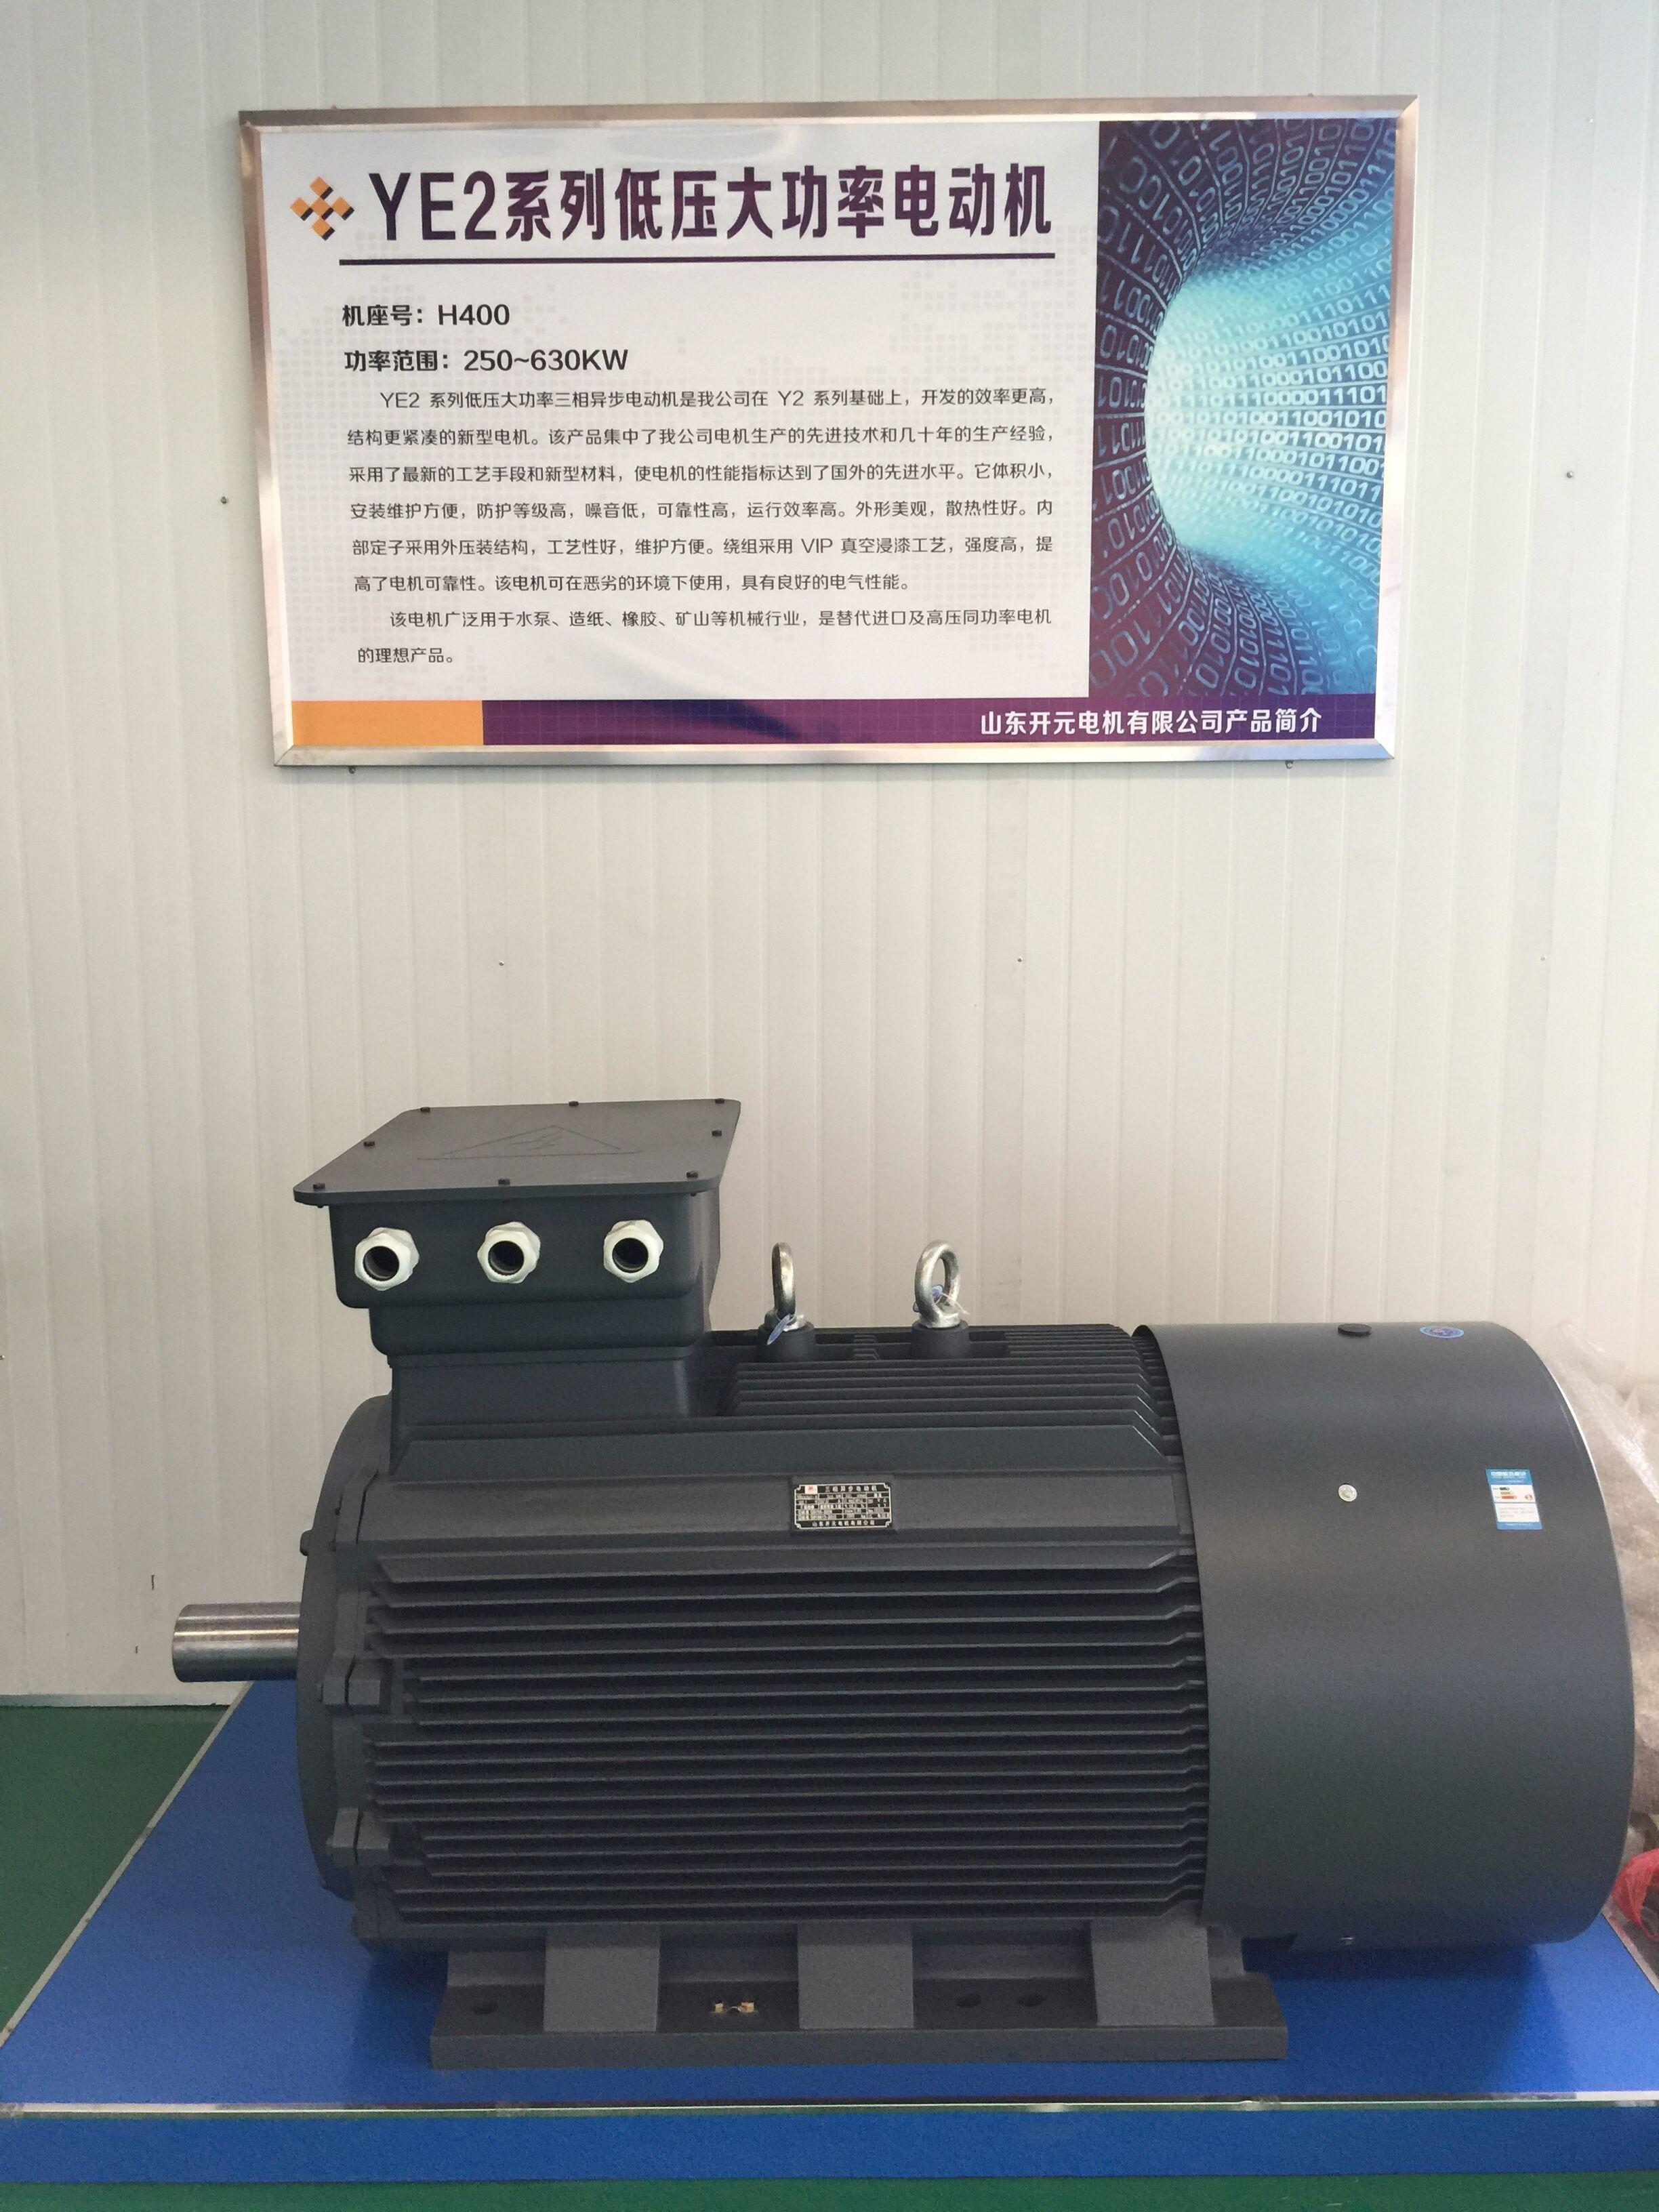 低压大功率 低压大功率电动机供应商 低压大功率电动机